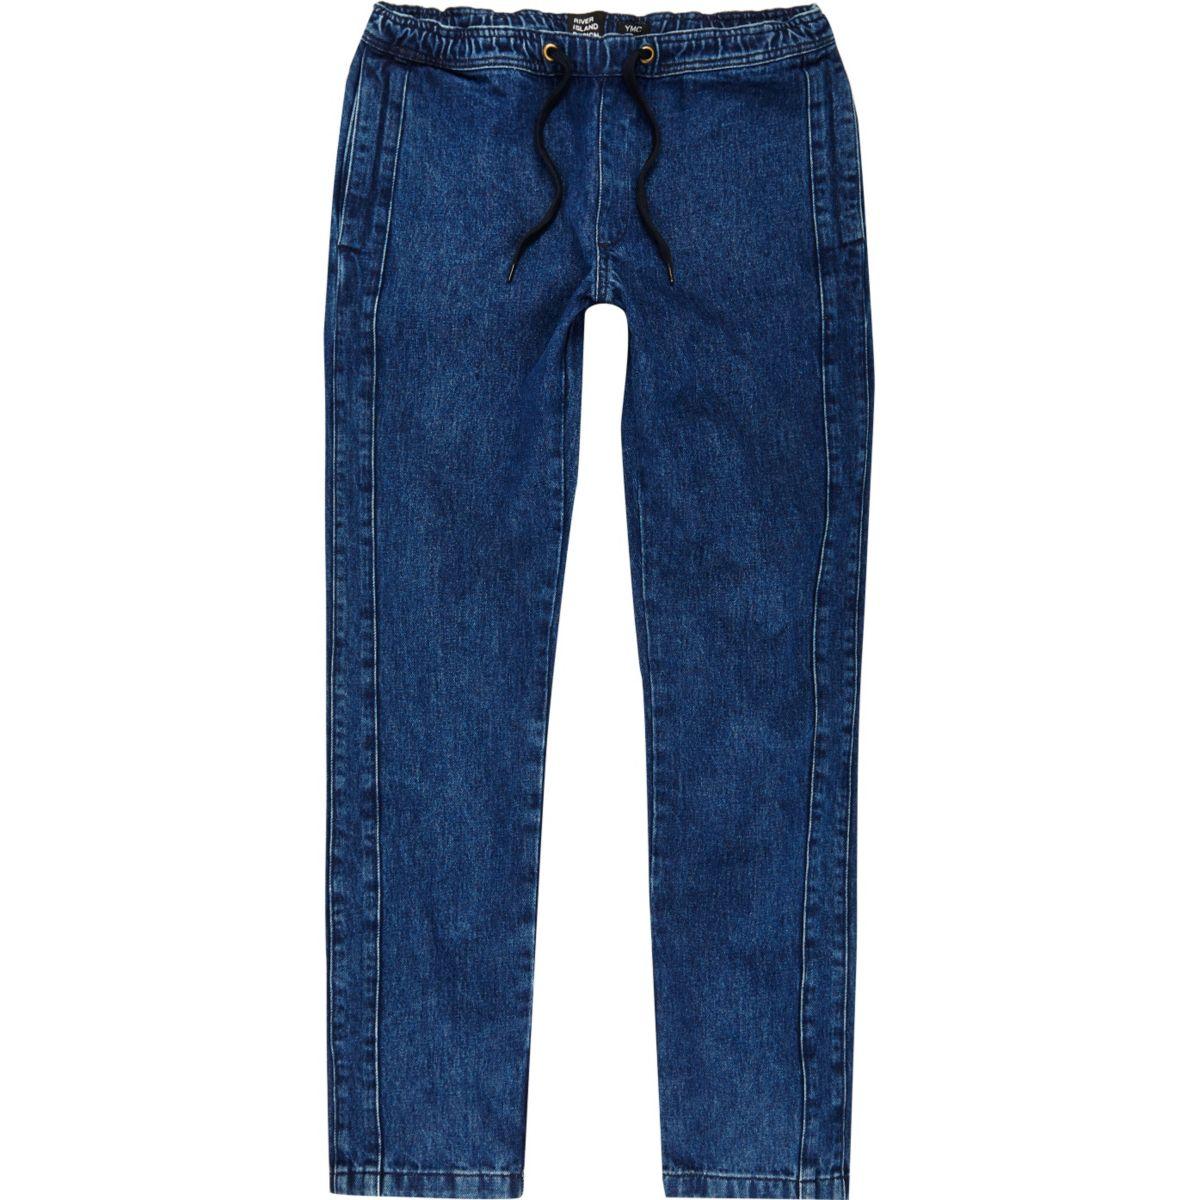 Pantalon de jogging YMC en jean bleu